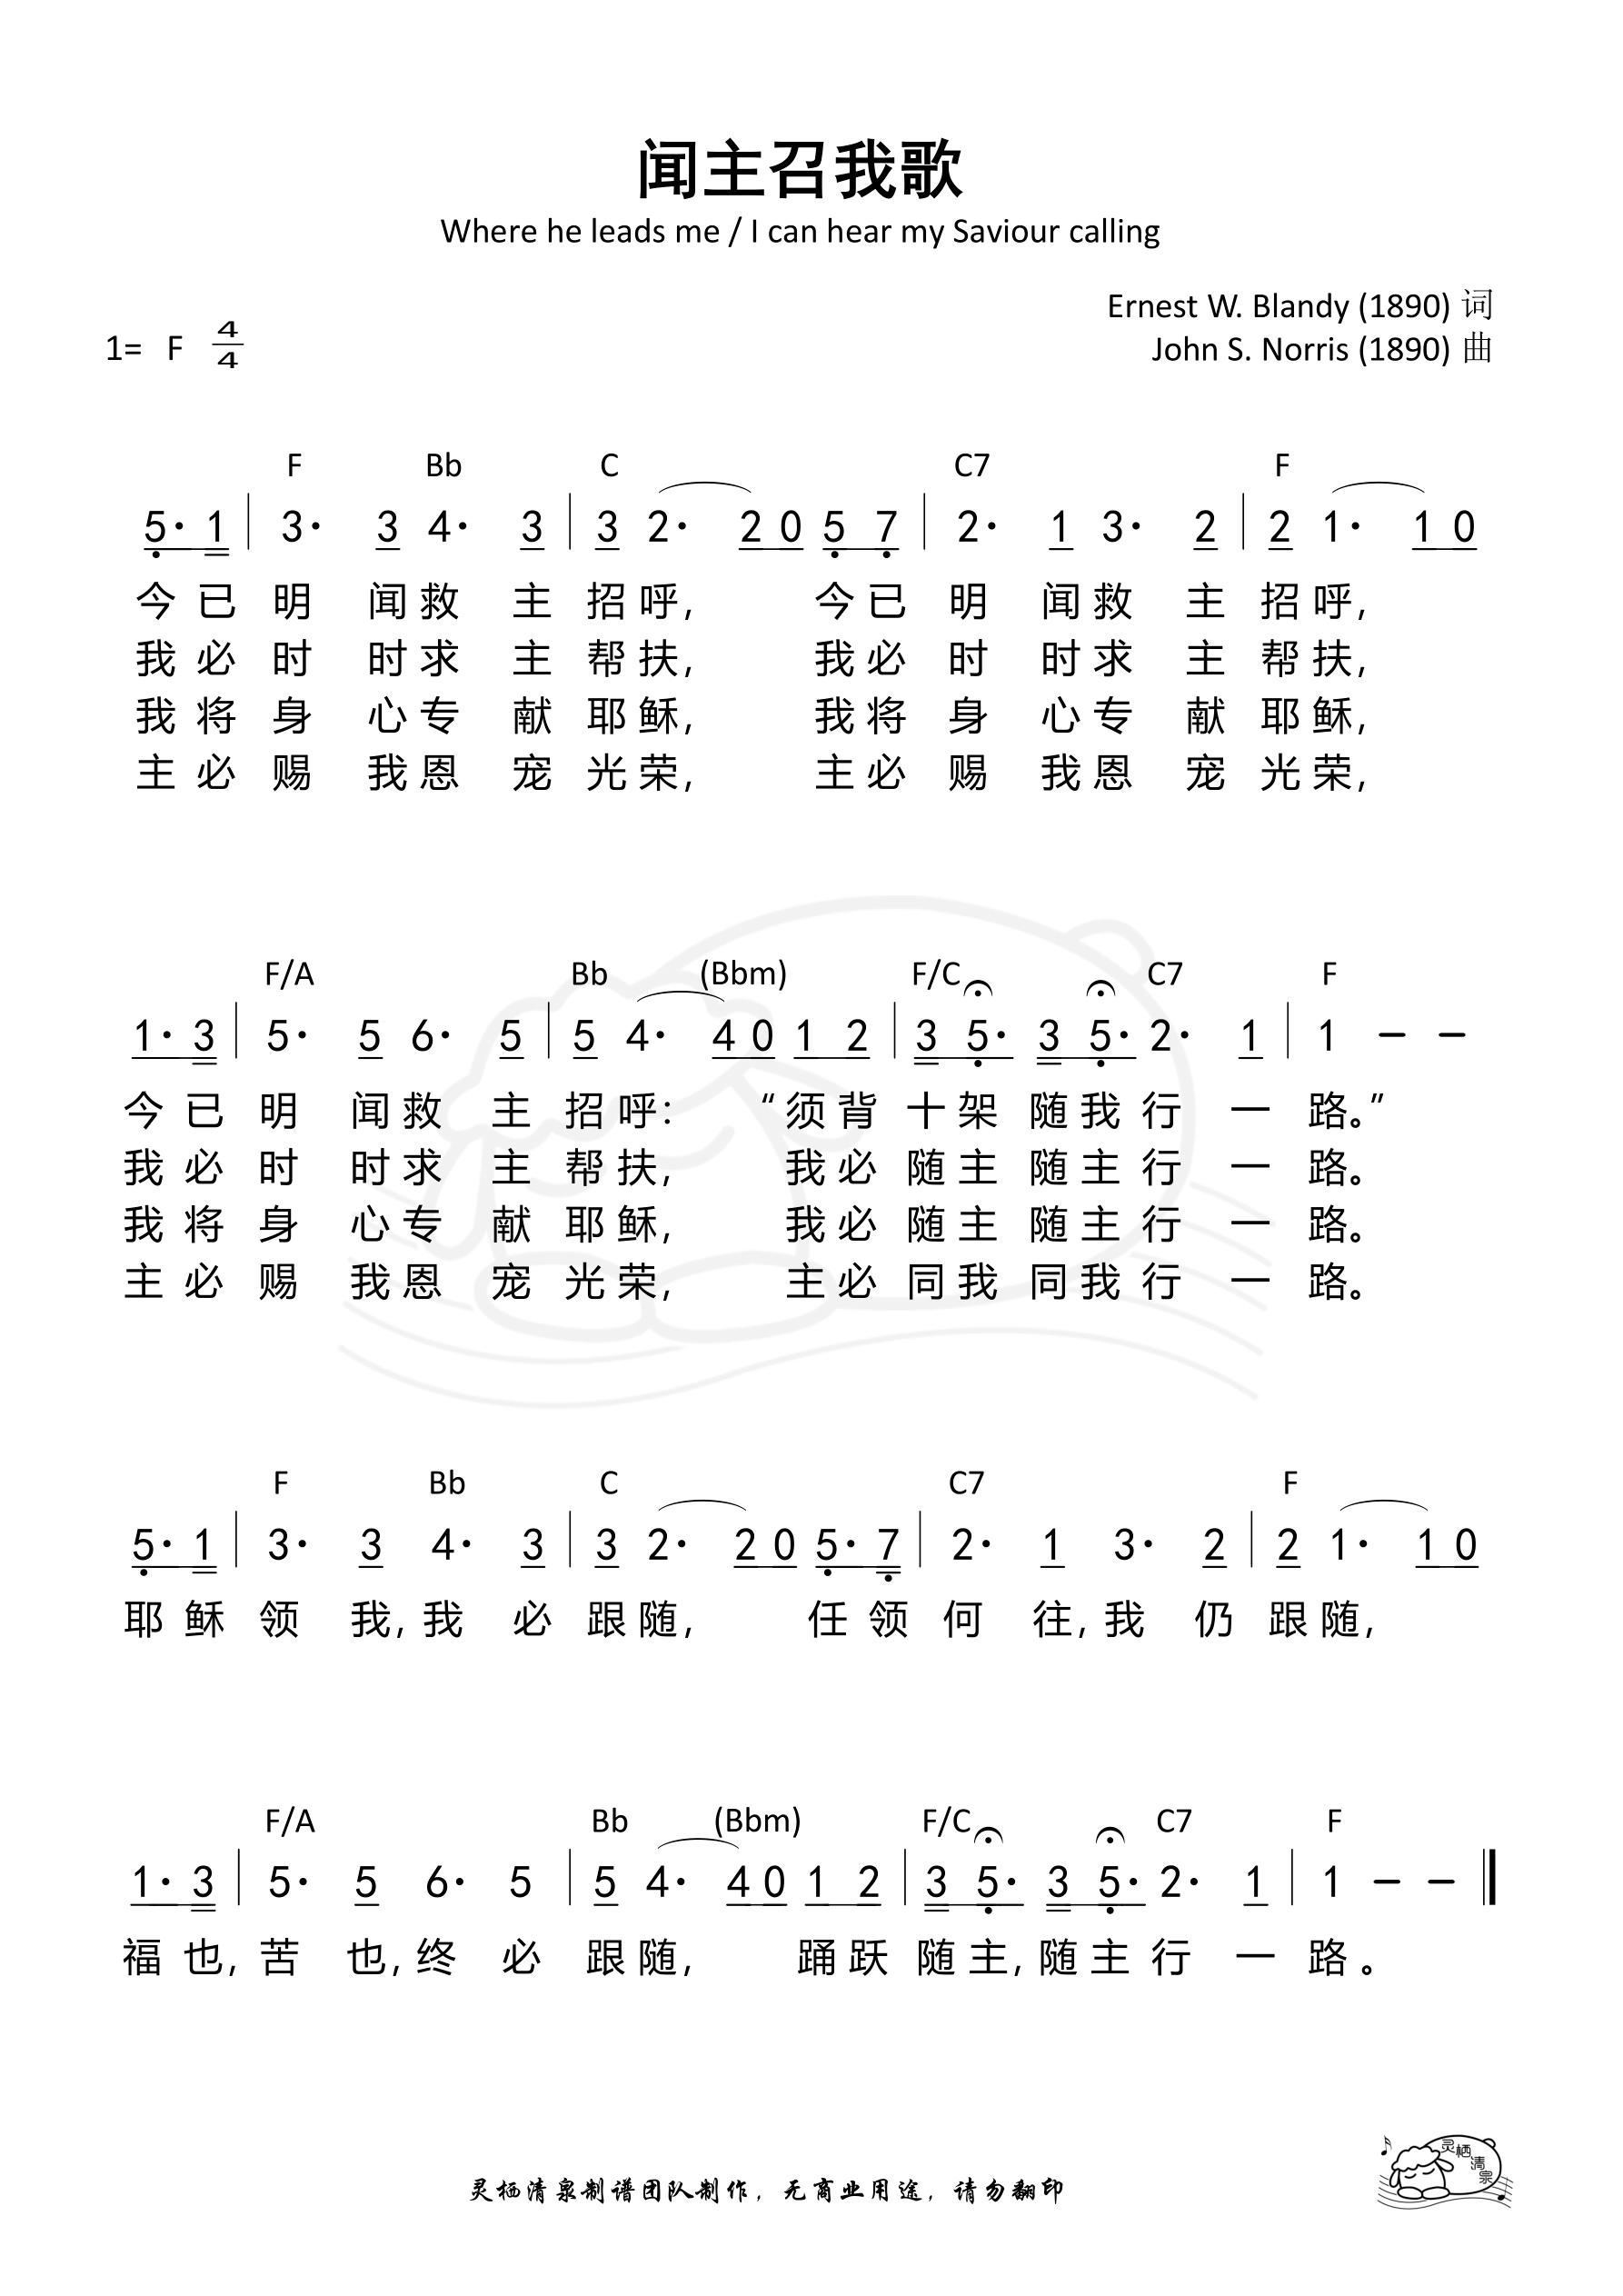 《第125首 - 闻主召我歌 和弦简谱》